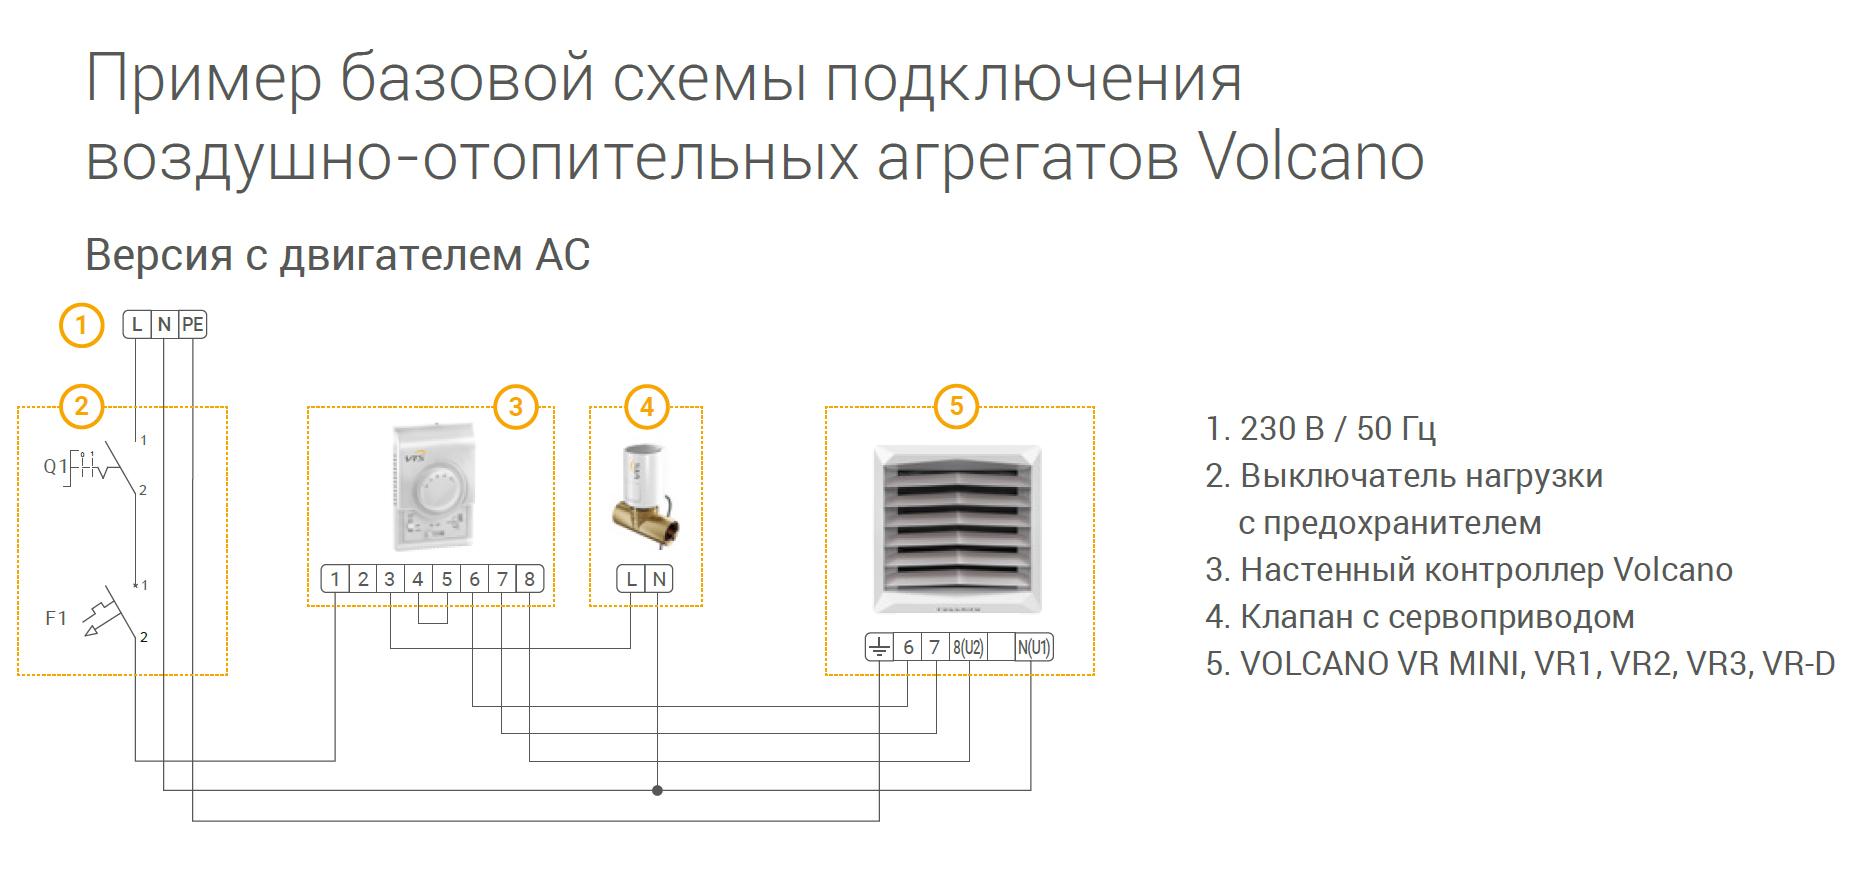 Volcano vr1